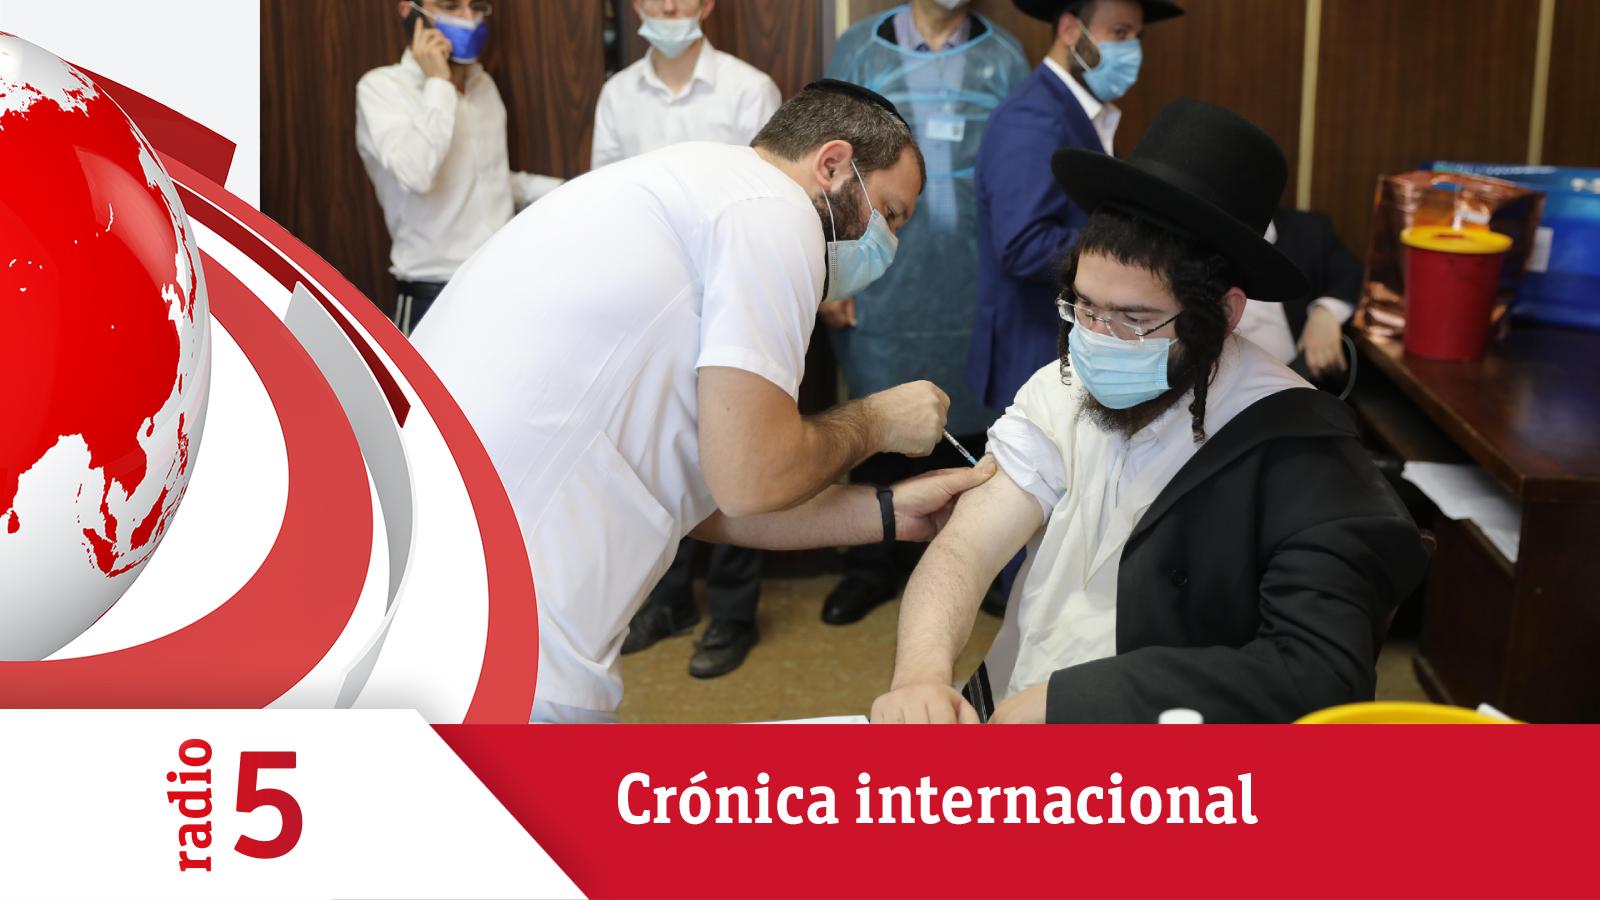 Crónica Internacional - Los vacunados tendrán más derechos en Israel - Escuchar